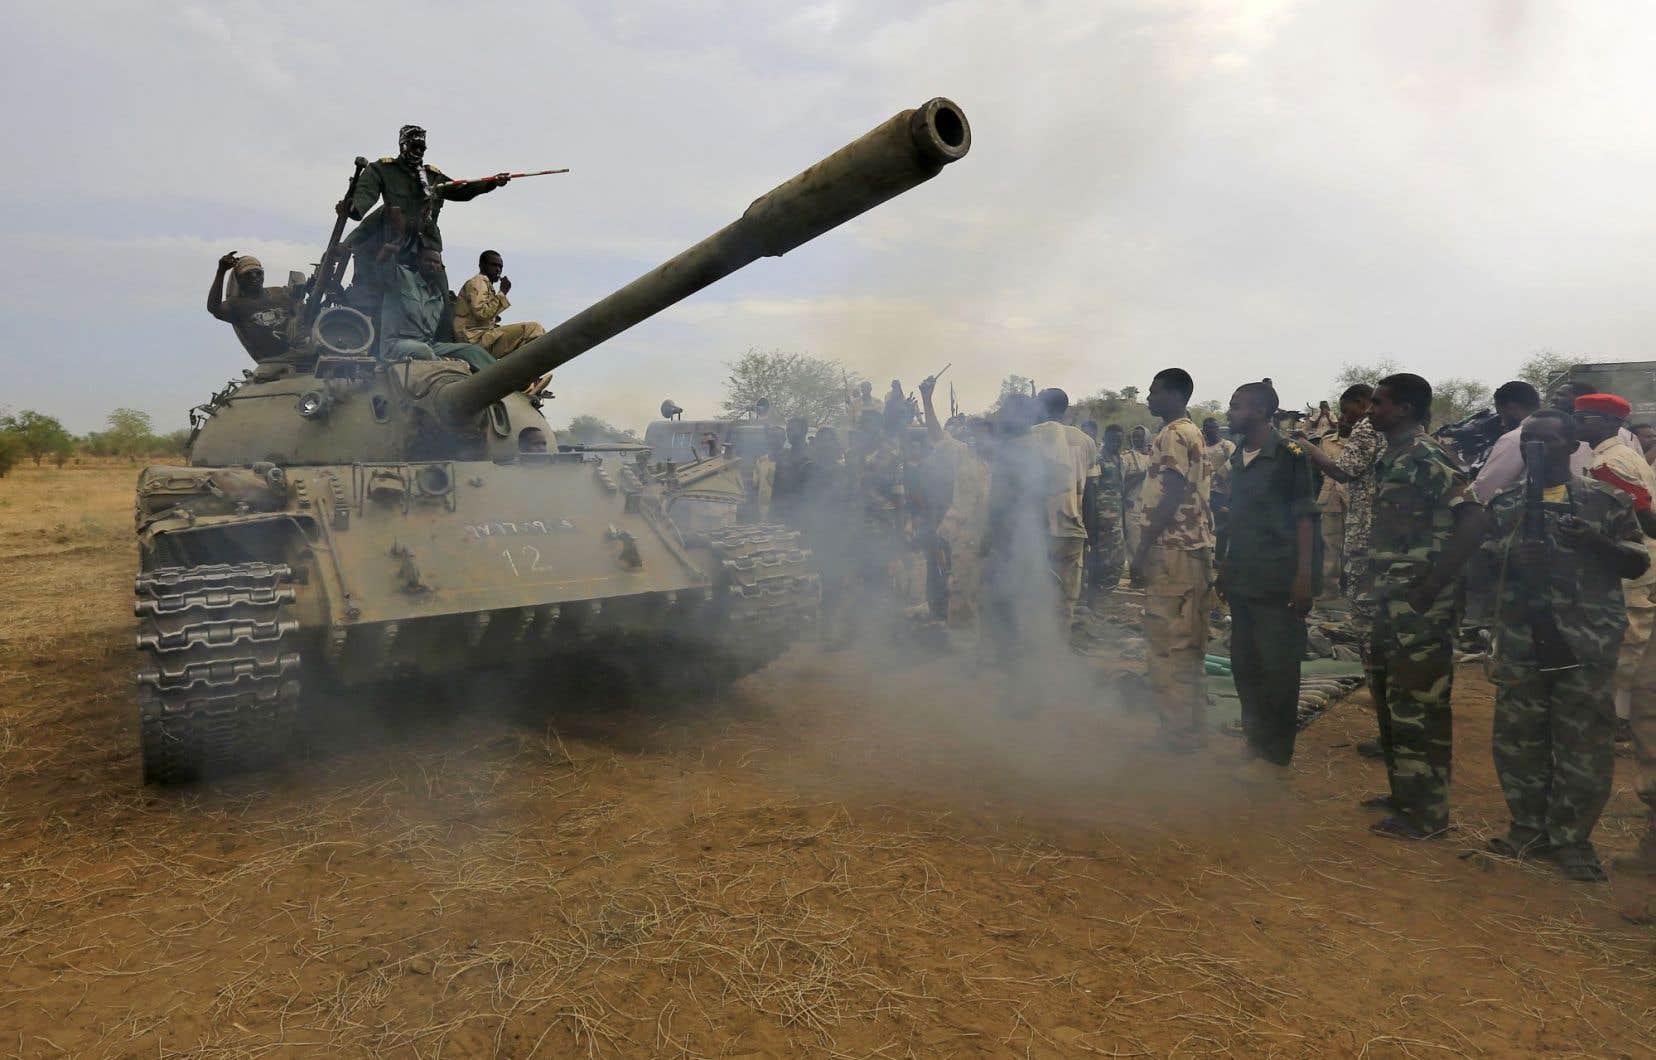 Amnesty International a accusé jeudi les forces gouvernementales soudanaises d'avoir procédé cette année à plusieurs attaques chimiques qui ont tué des civils dans l'ouest du pays.